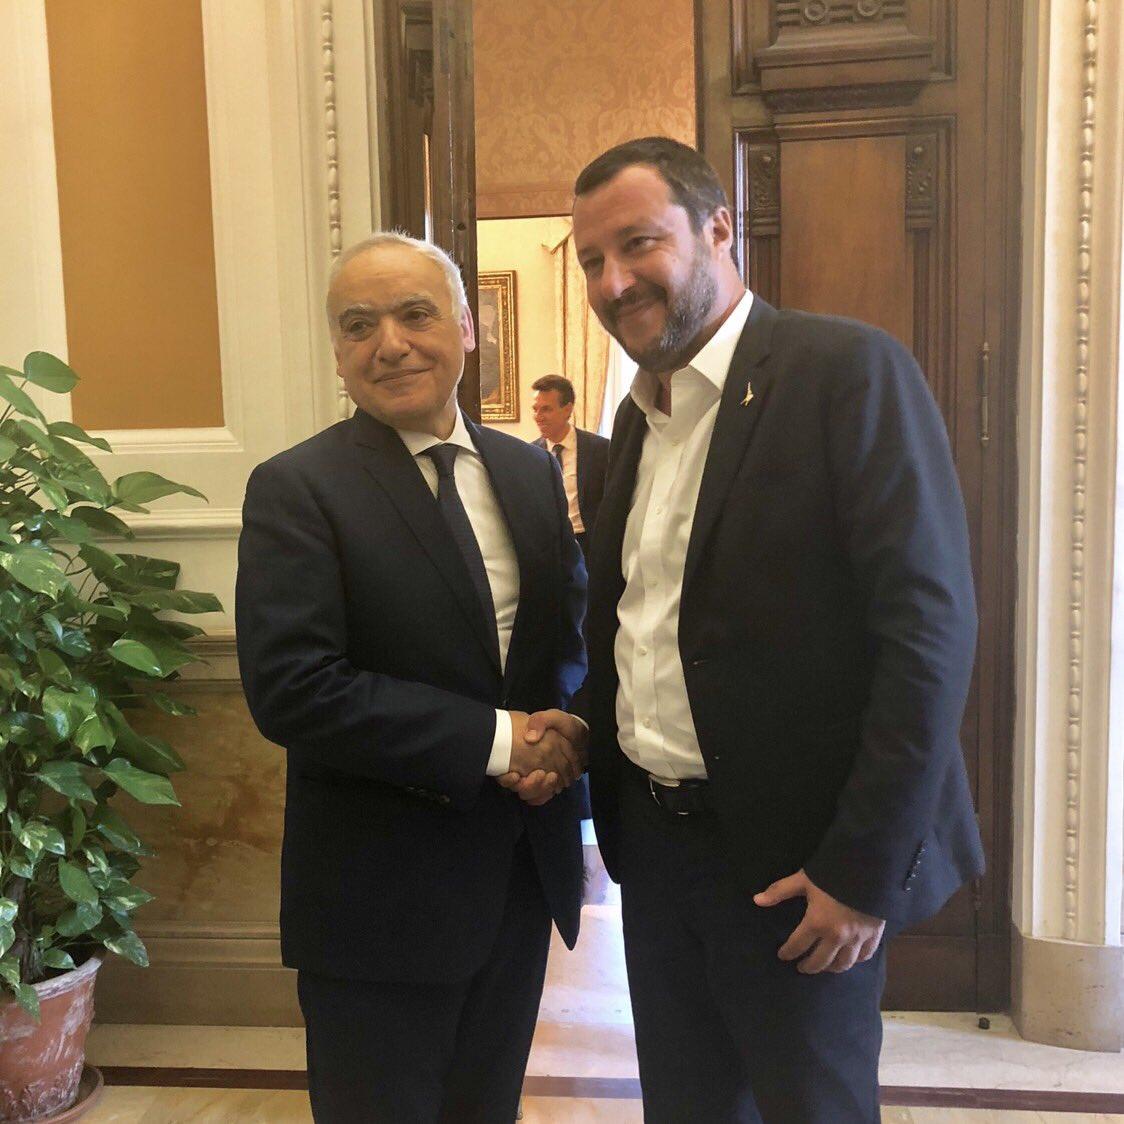 🔴 Rencontre à #Rome entre le représentant spécial du secrétaire général des @UN pour la #Libye #Ghassane_Salamé et le ministre italien des Affaires étrangères @matteosalvinimi @antonioguterres @MarocDiplomatie